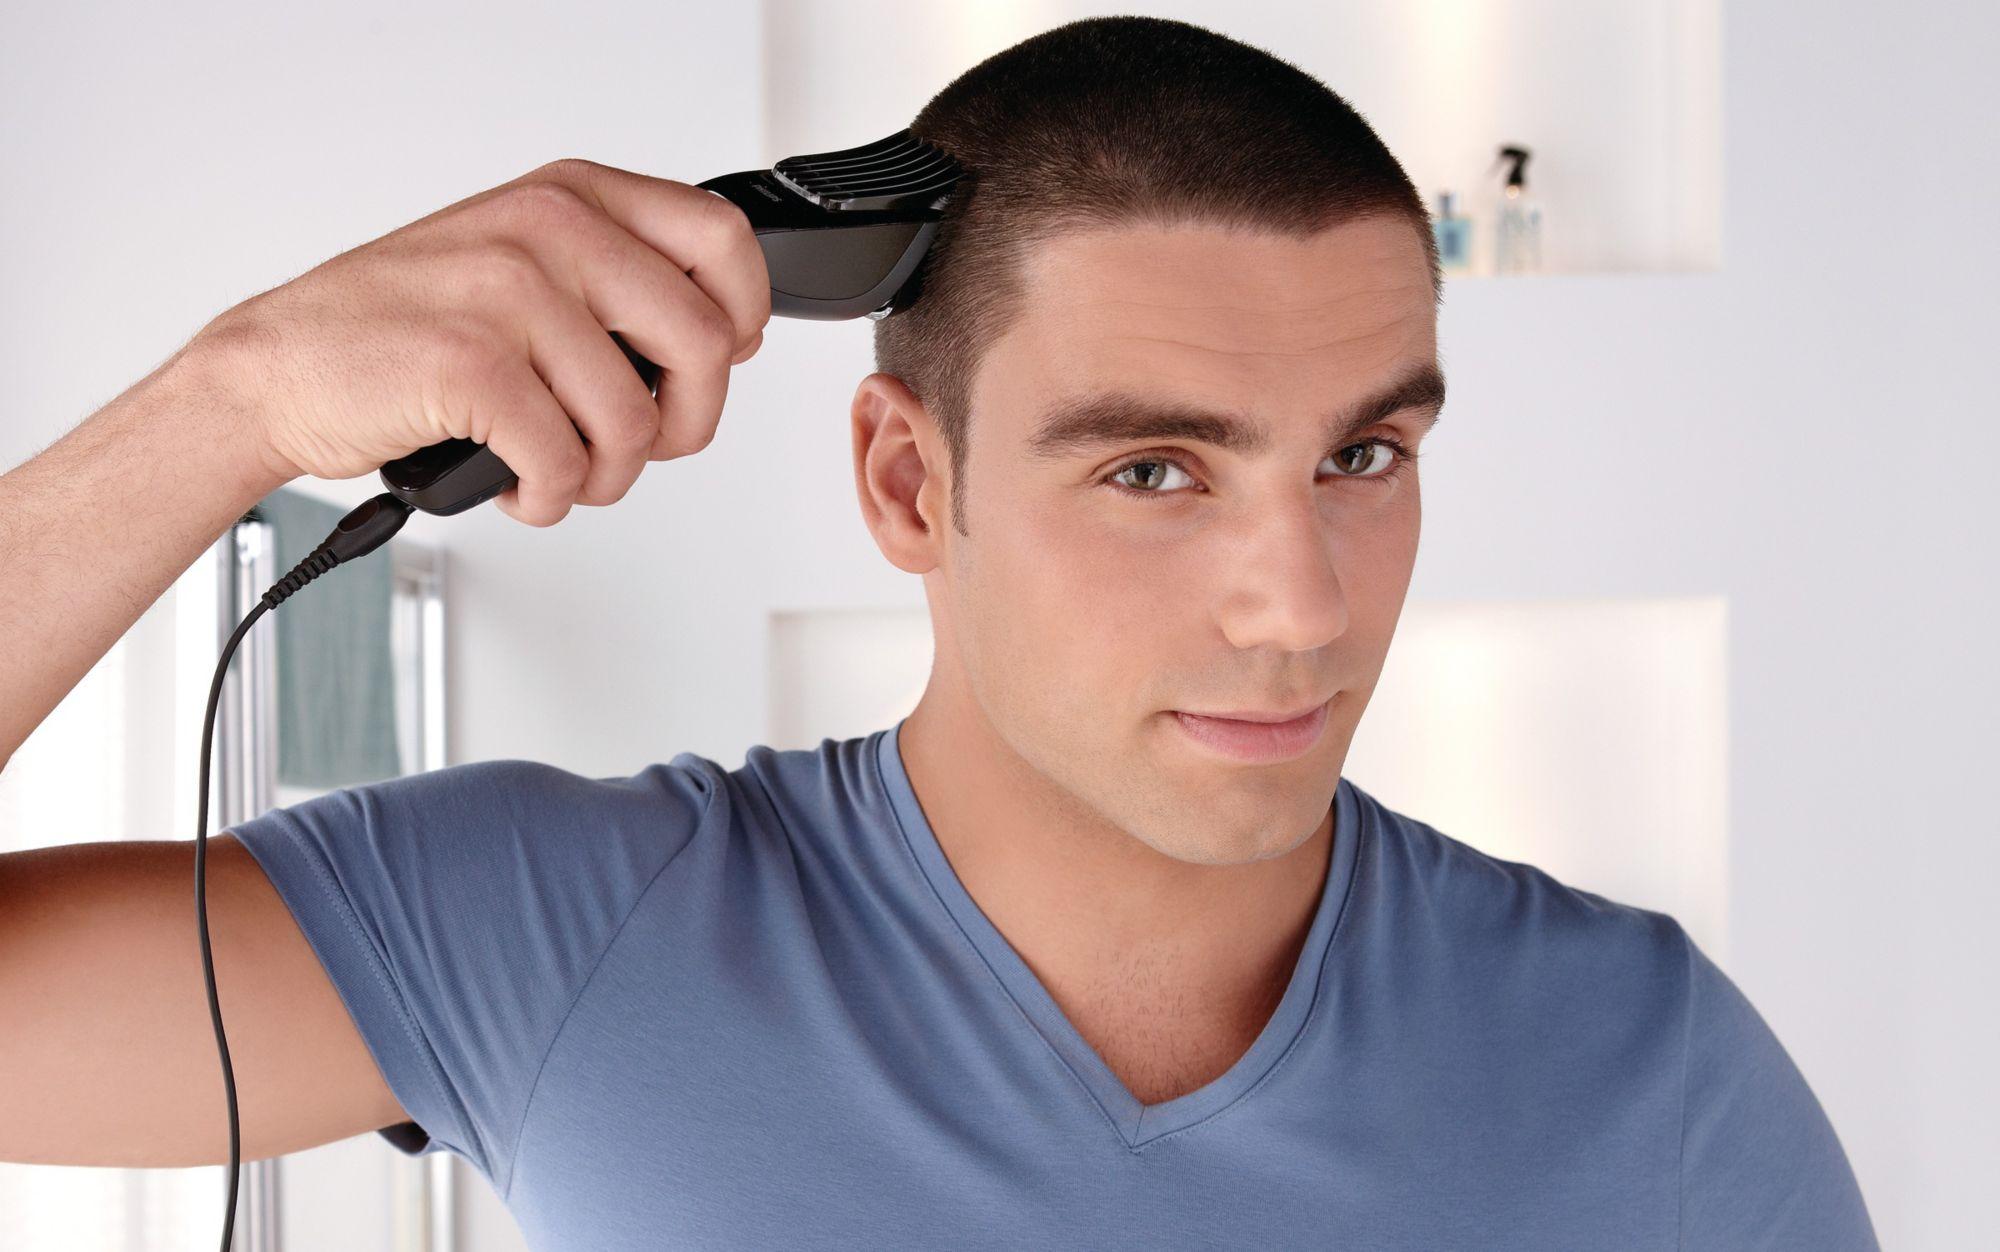 Мужчина подстригает волосы электрической машинкой